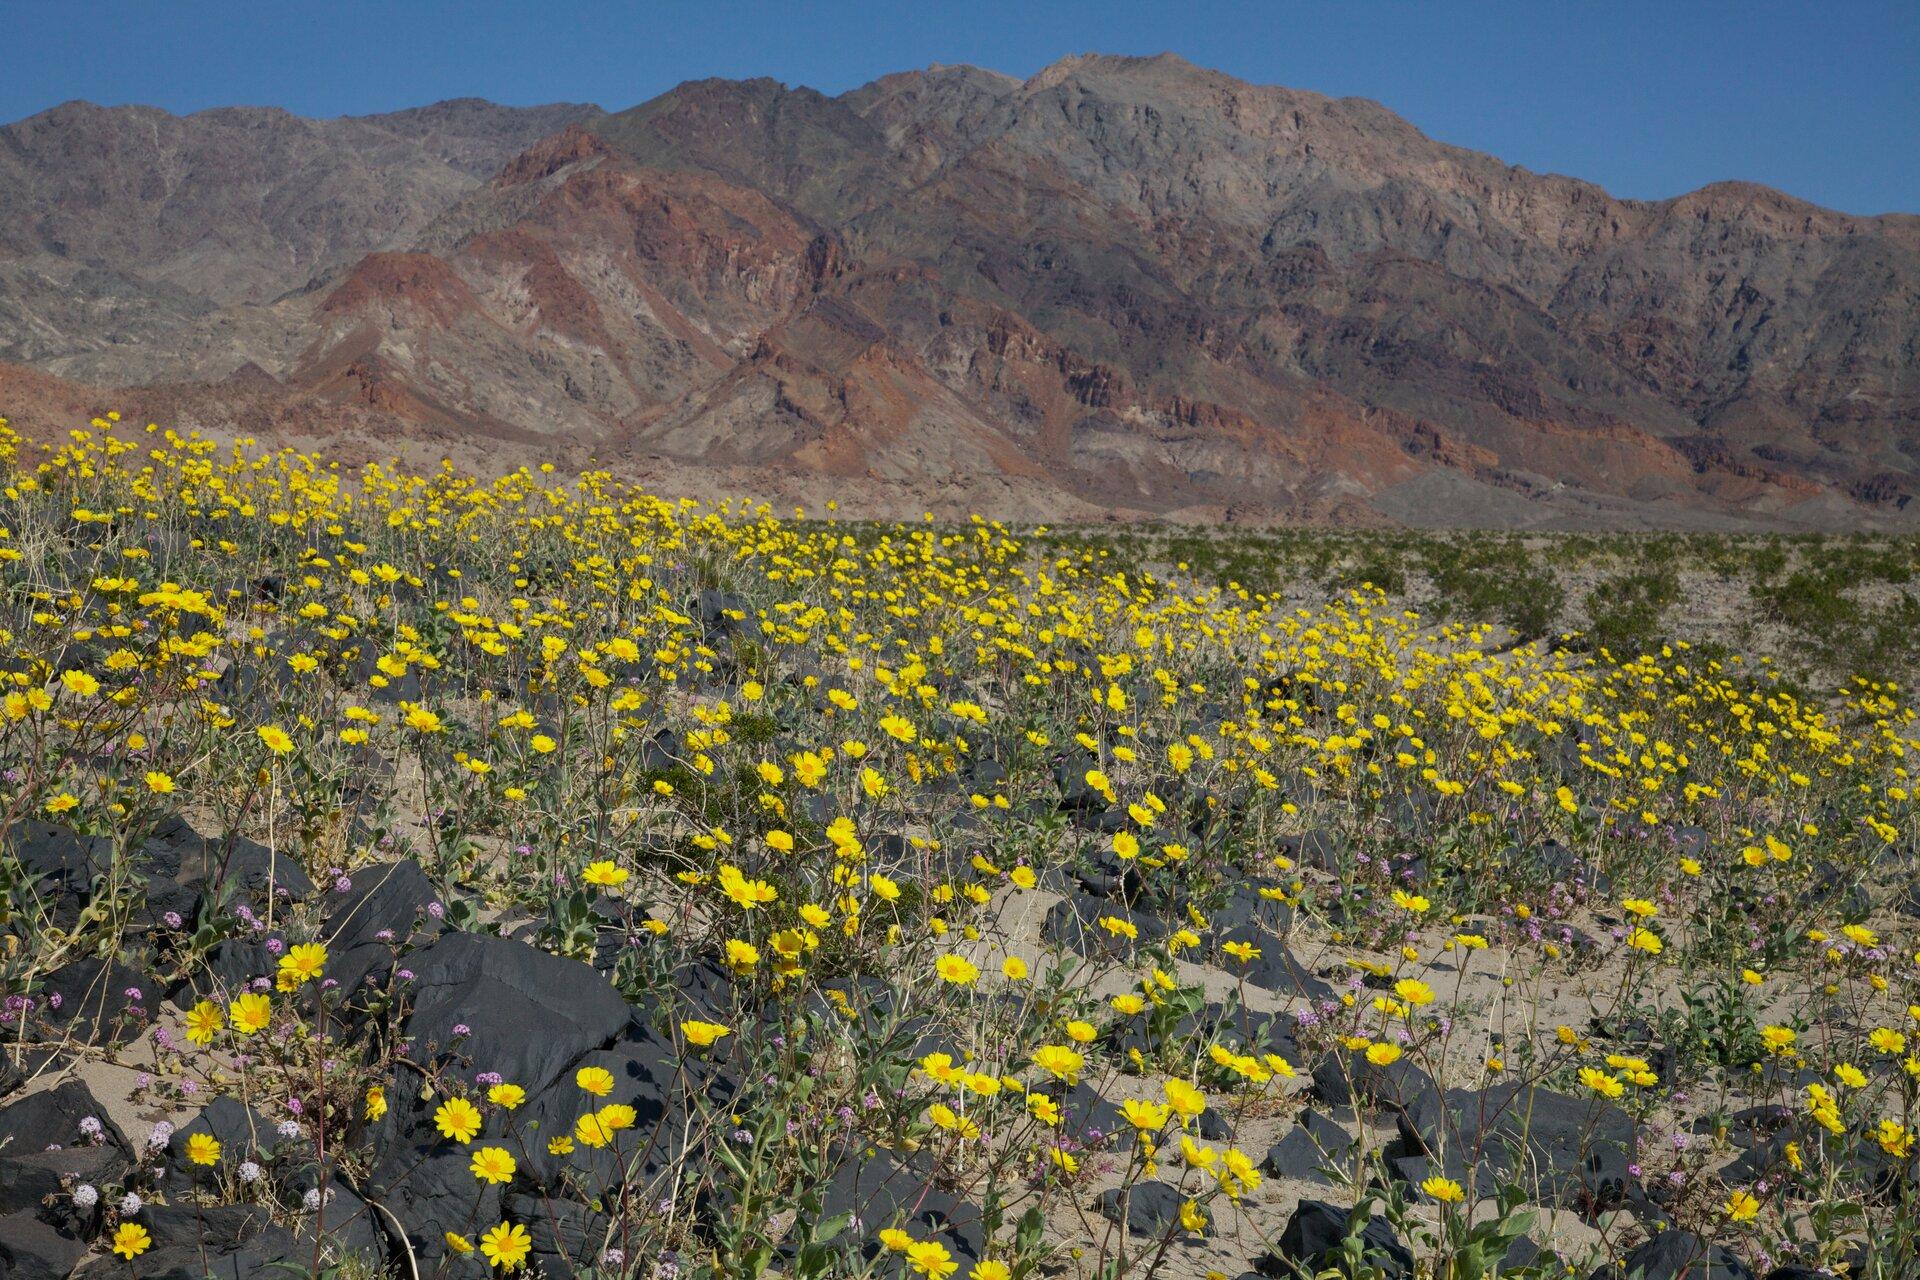 Fotografia przedstawia krajobraz afrykańskiej pustyni wporze deszczowej. Płaski, piaszczysty teren jest gęsto pokryty kwitnącymi, niskimi roślinami. Kwiaty są białe iżółte. Liście roślin są szare izielone. Wtle łańcuch gór.